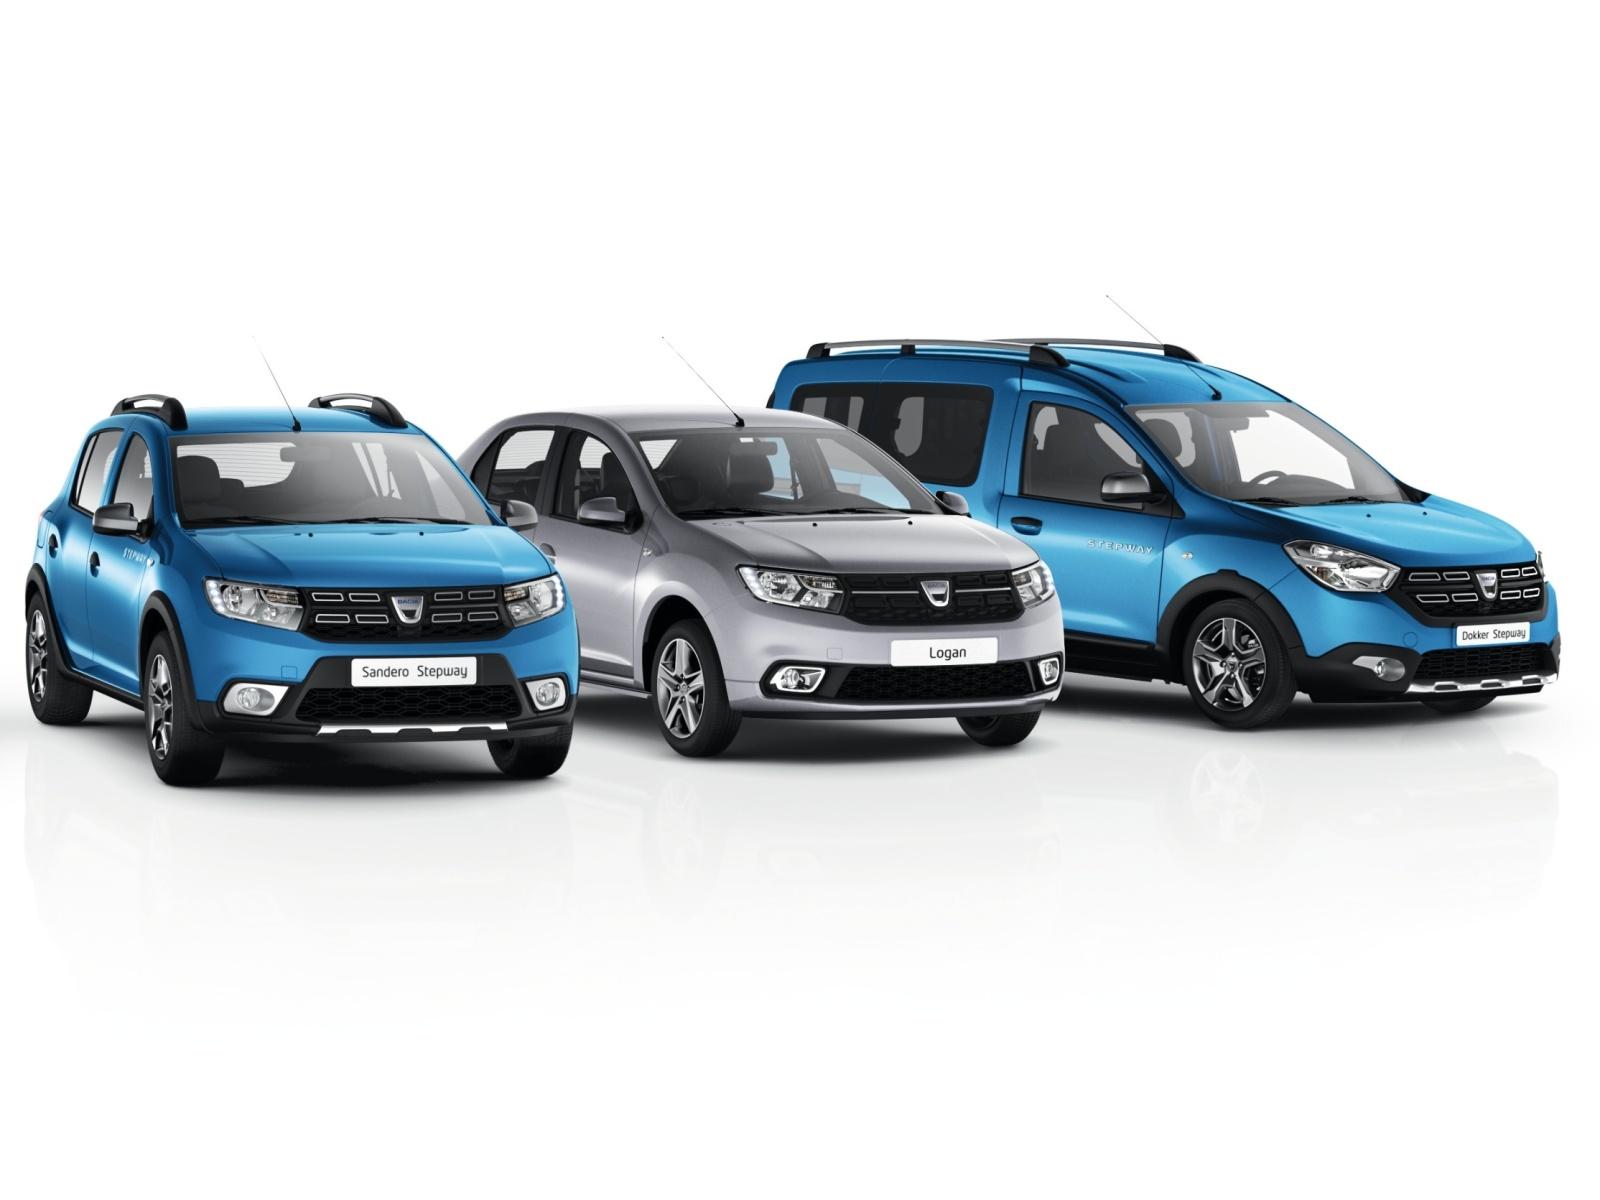 Dacia se vrací ve velkém k pohonu LPG a slibuje dojezd přes 1000 km